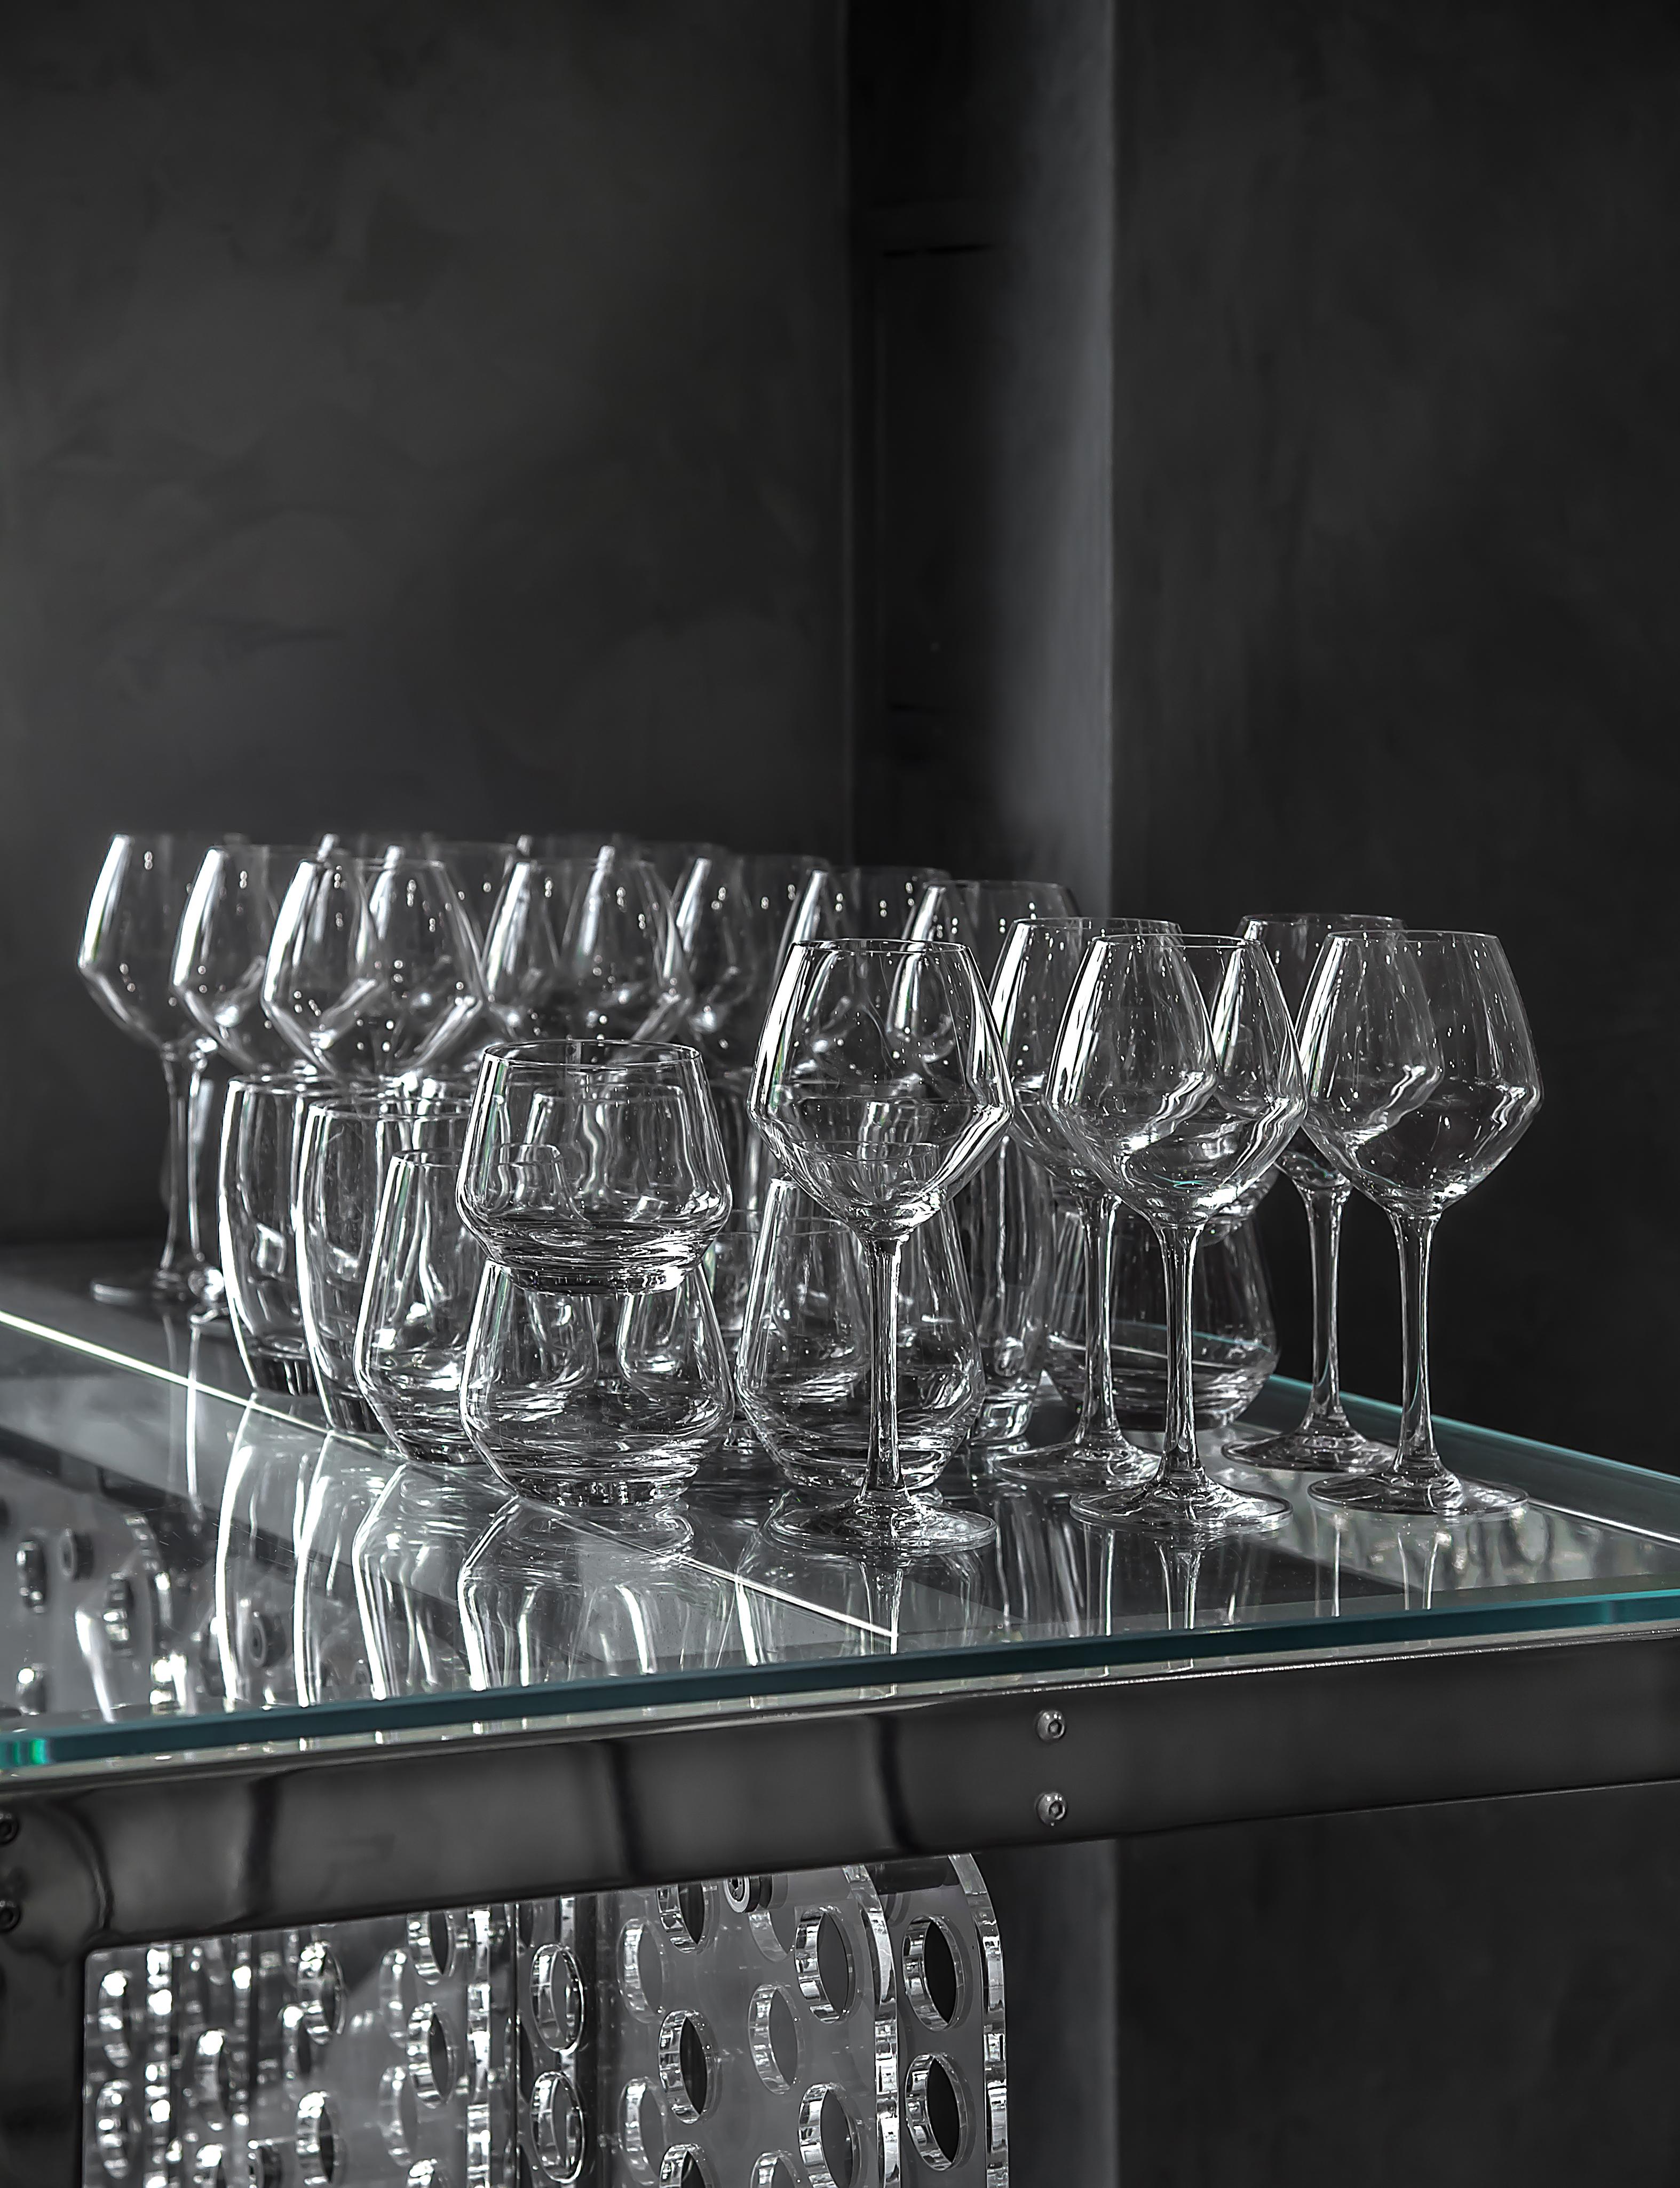 Verres à vin et verres à eau